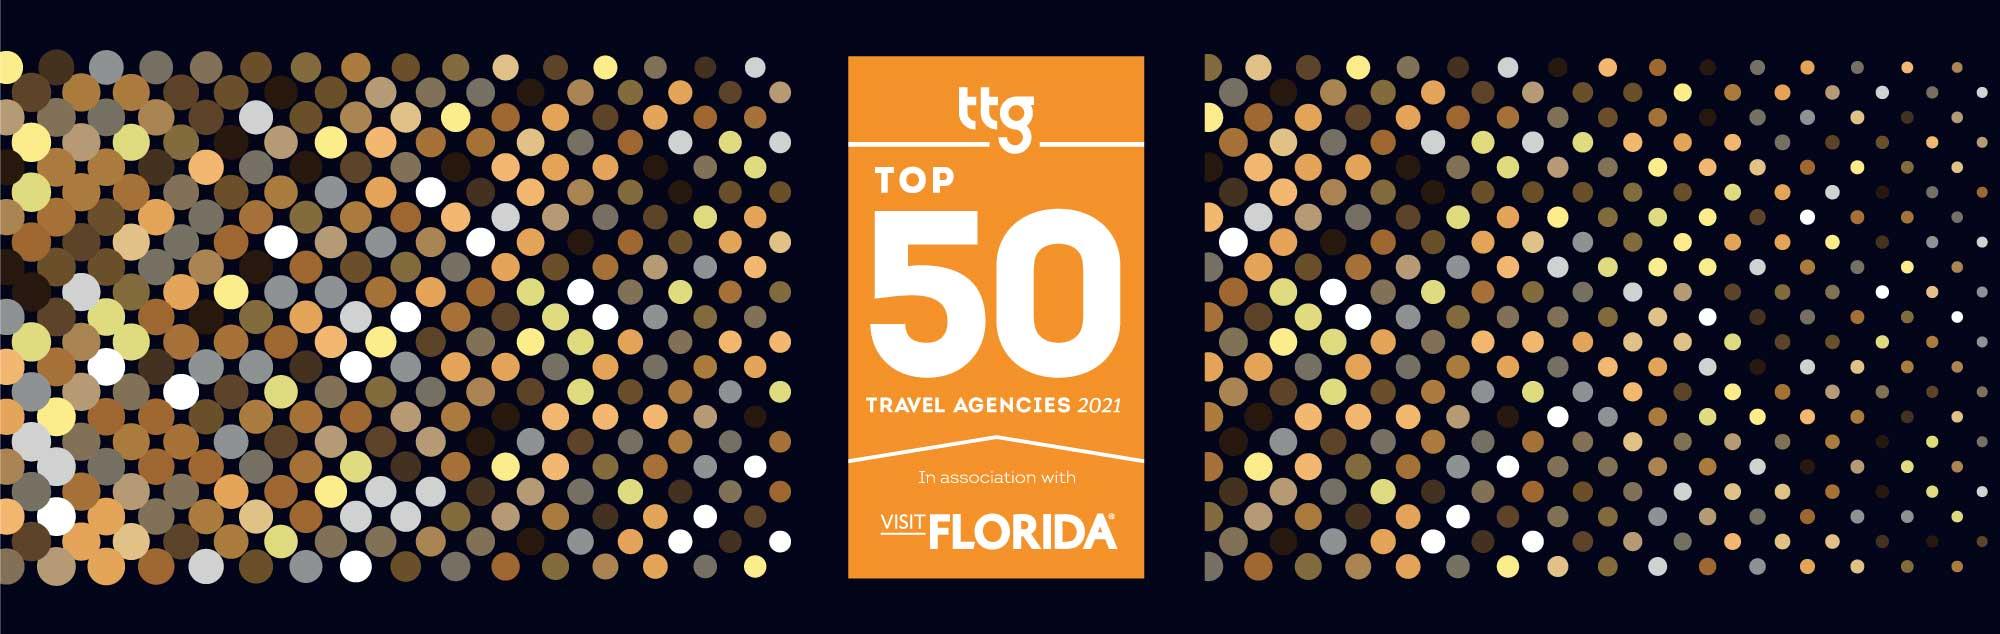 TTG Top 50 Travel Agencies 2021